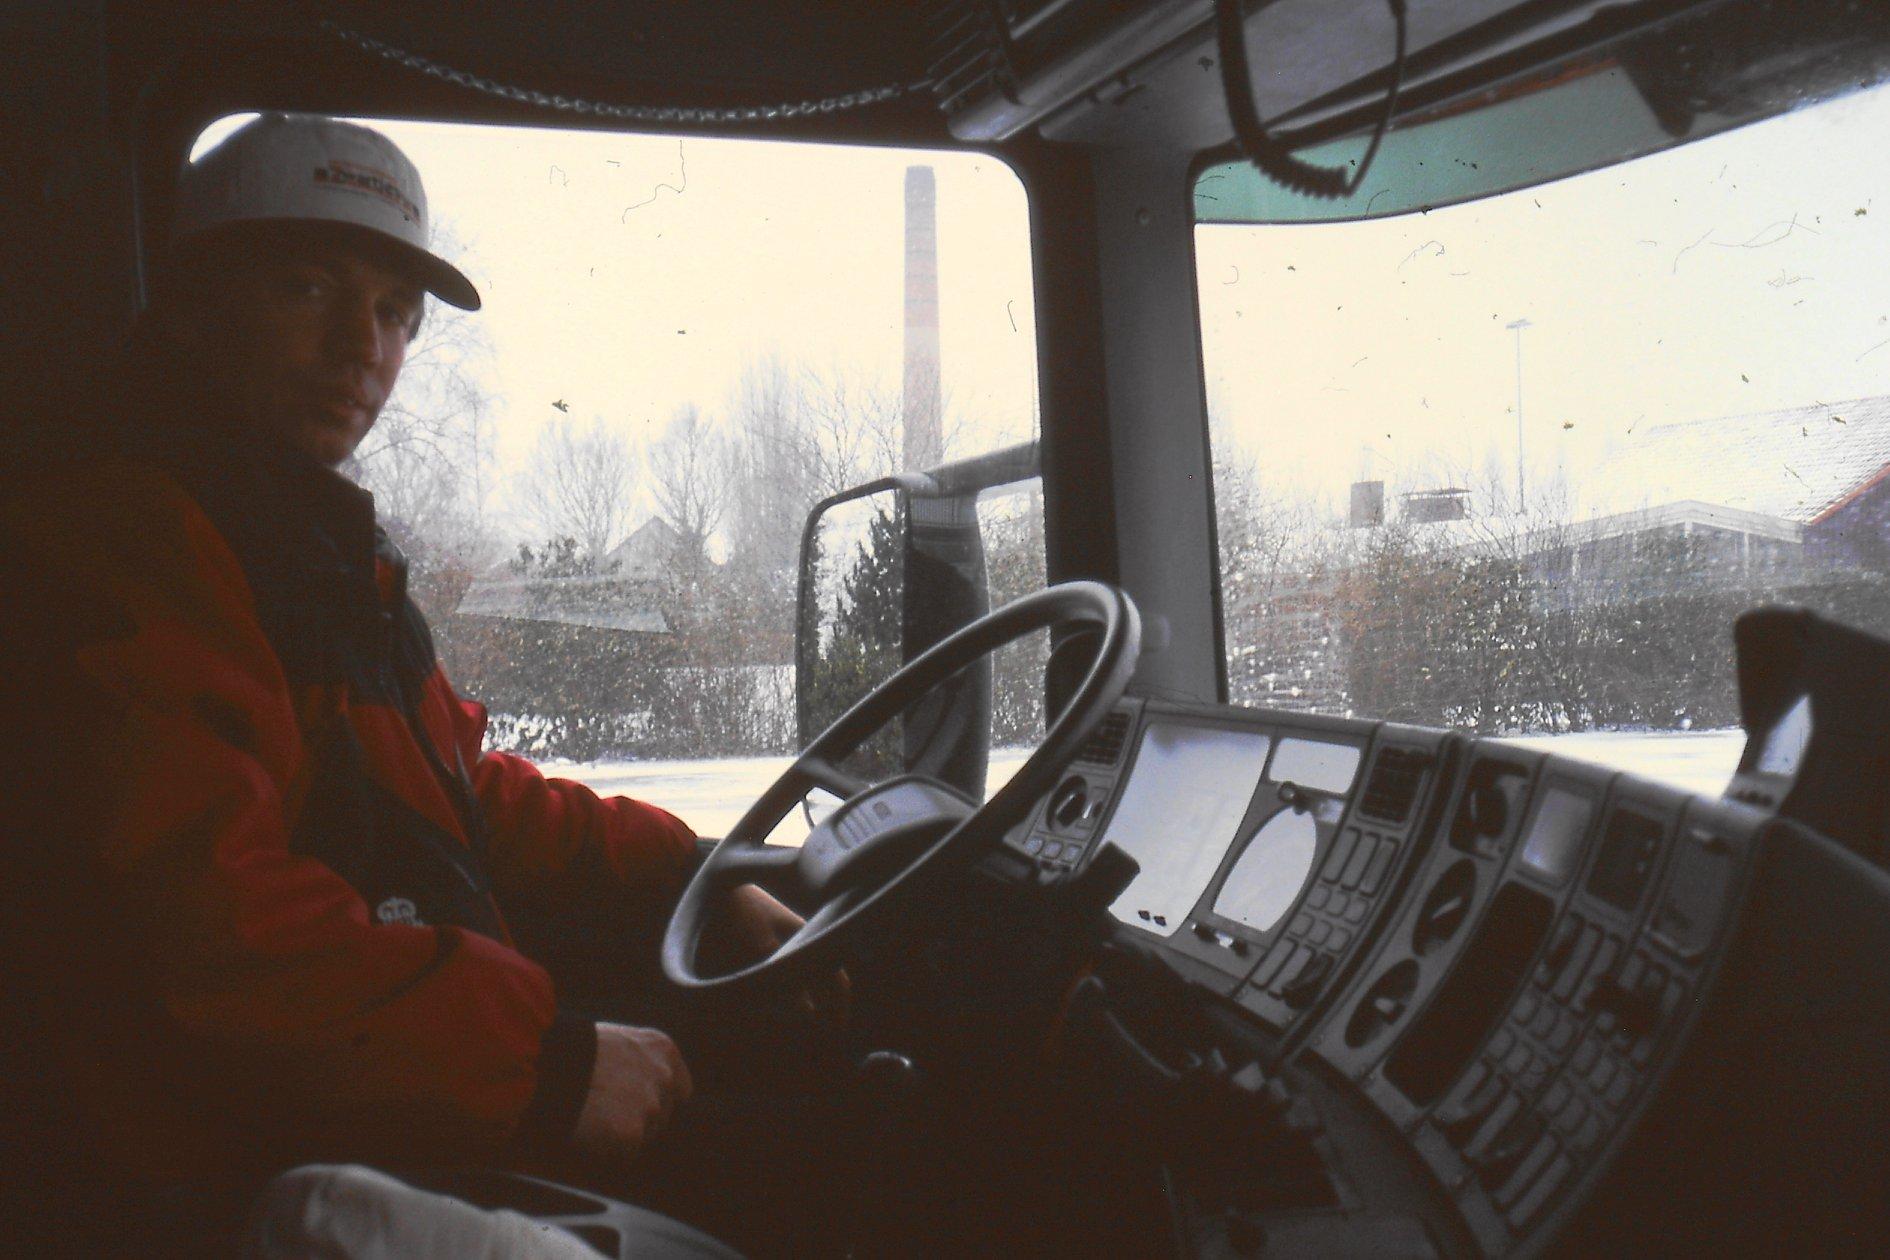 Peter-Nieuwkoop-met-zijn-nieuwe-scania-27-1-2003-8